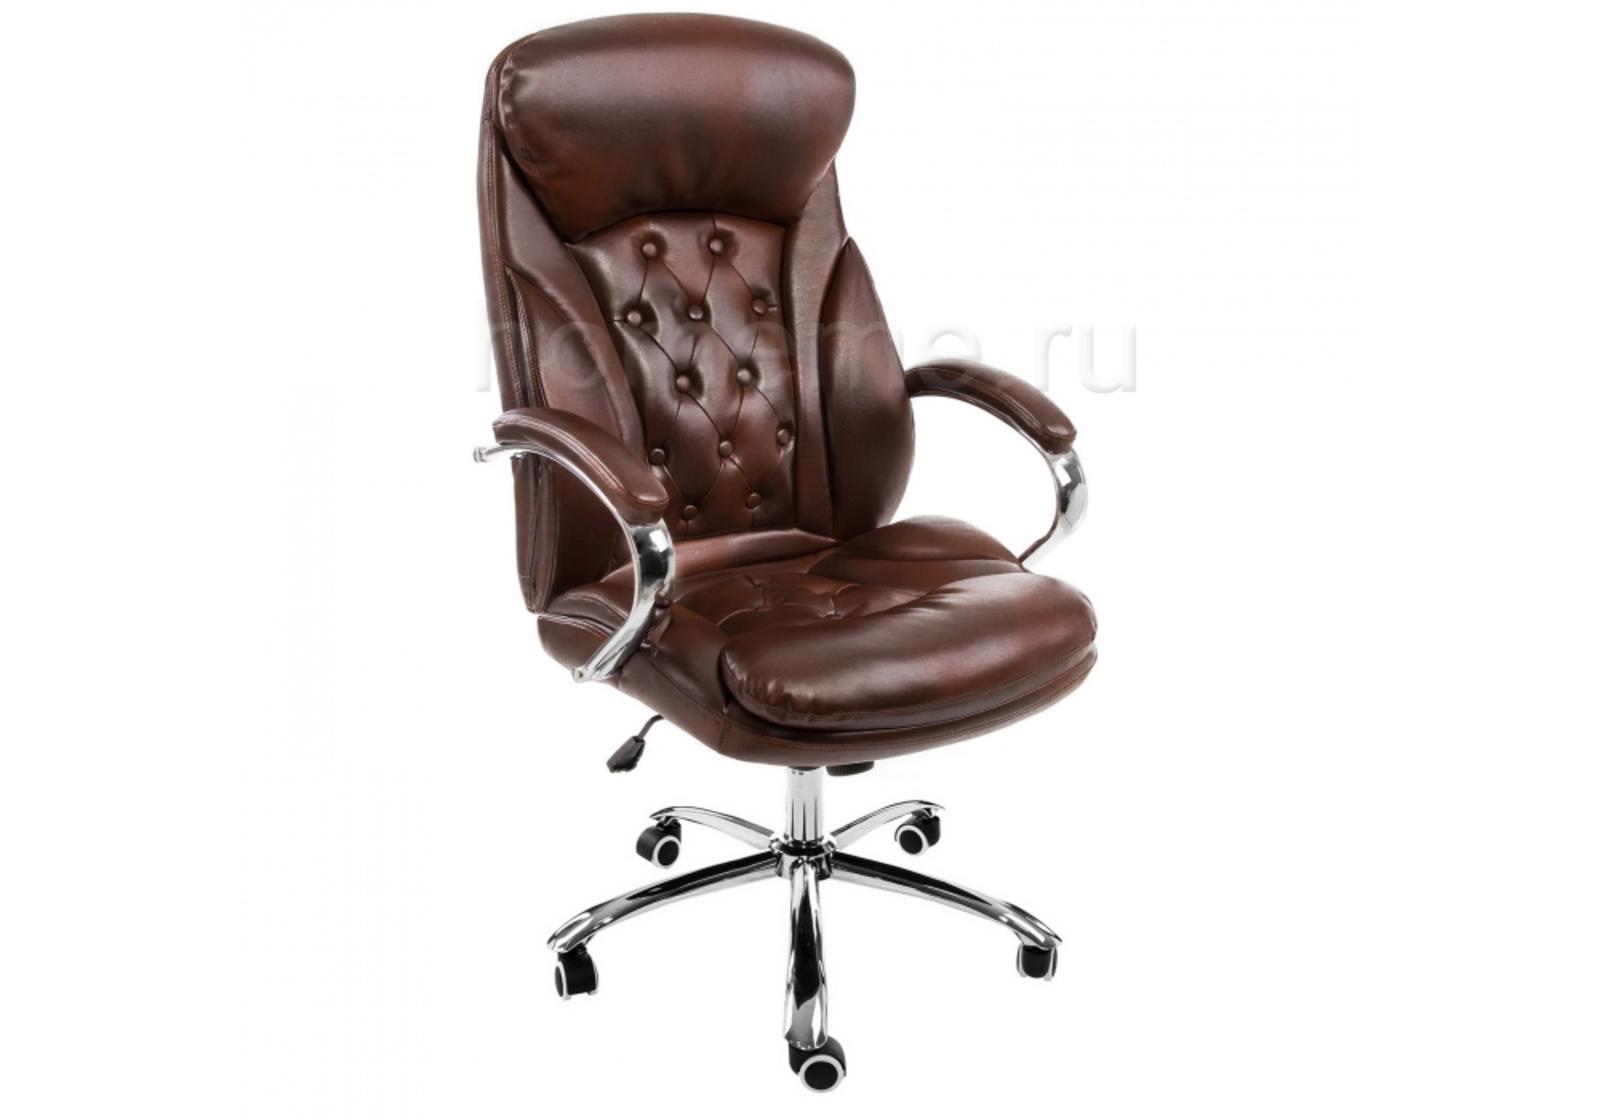 Купить Компьютерное кресло Rich коричневое 1869 1869, HomeMe